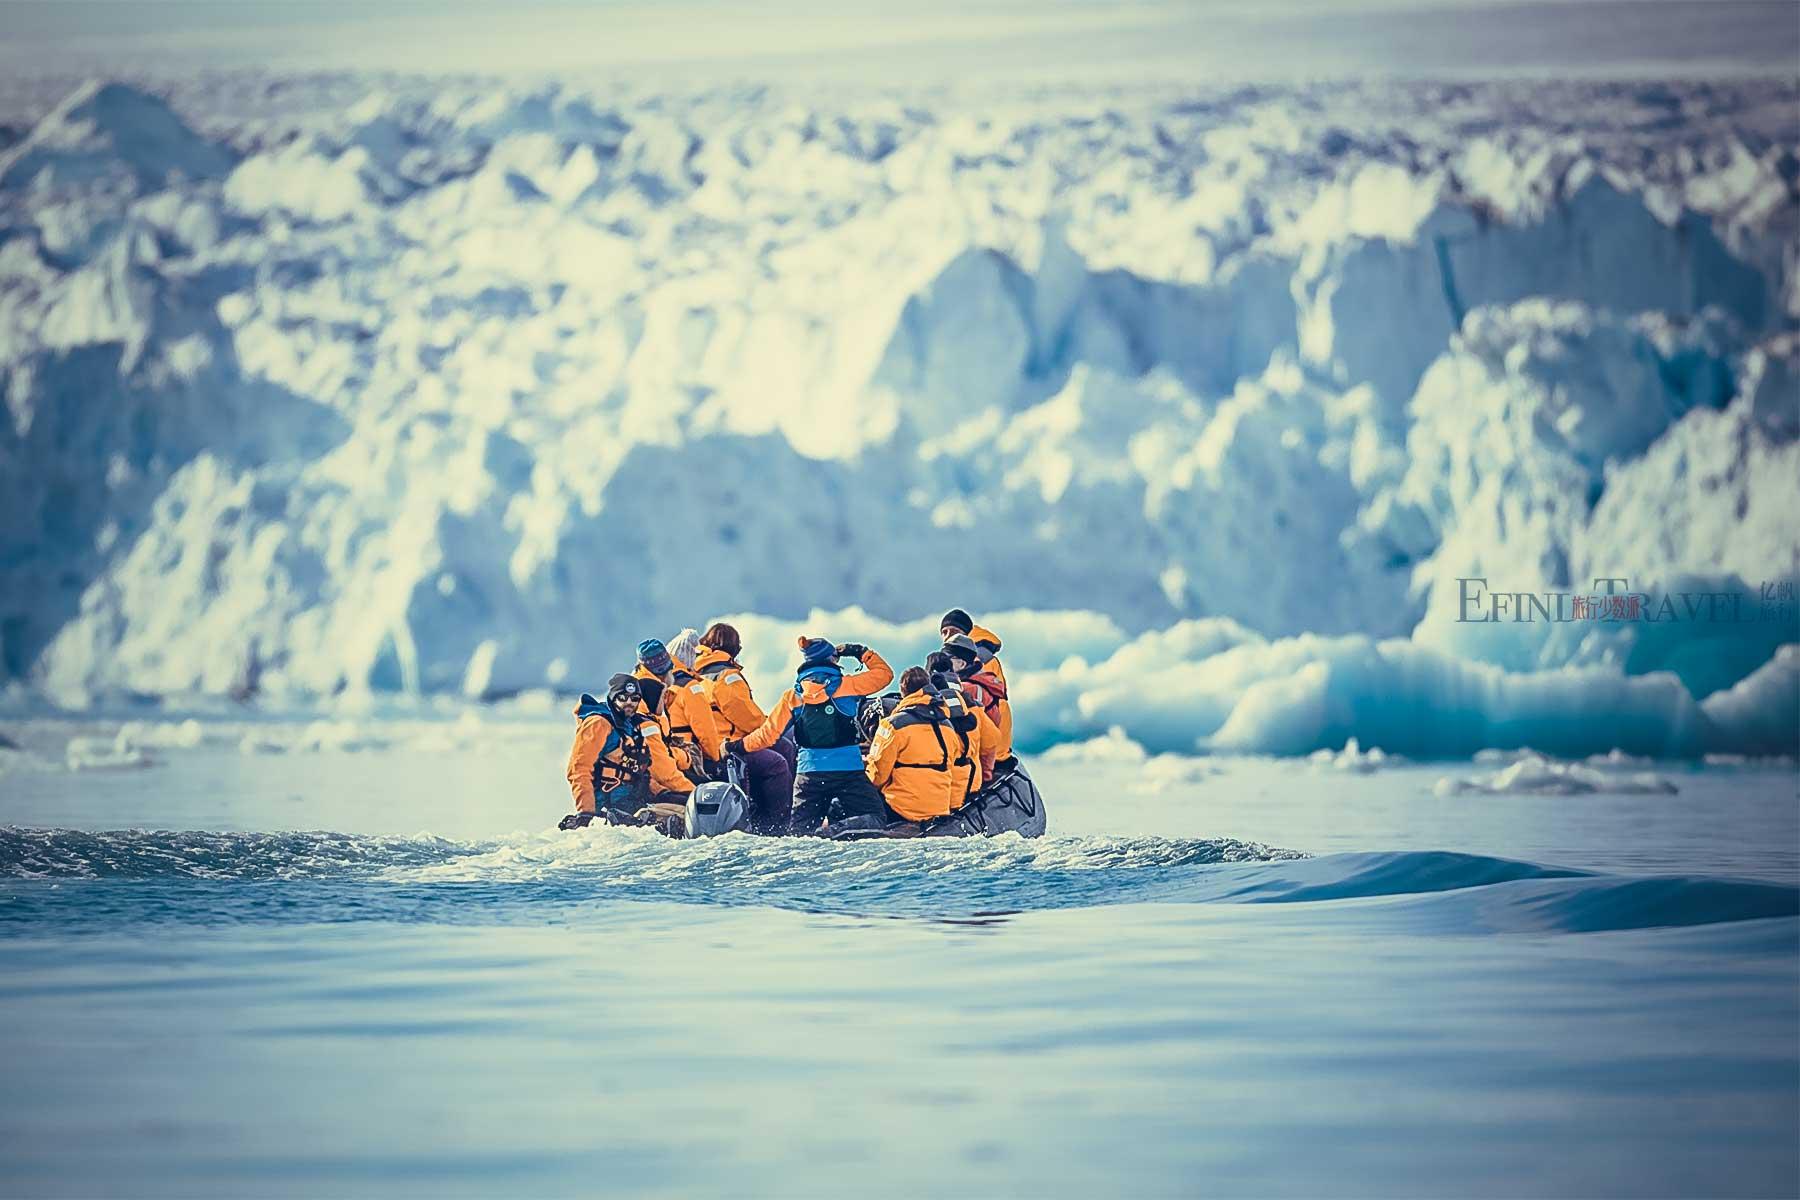 北极冲锋艇巡游